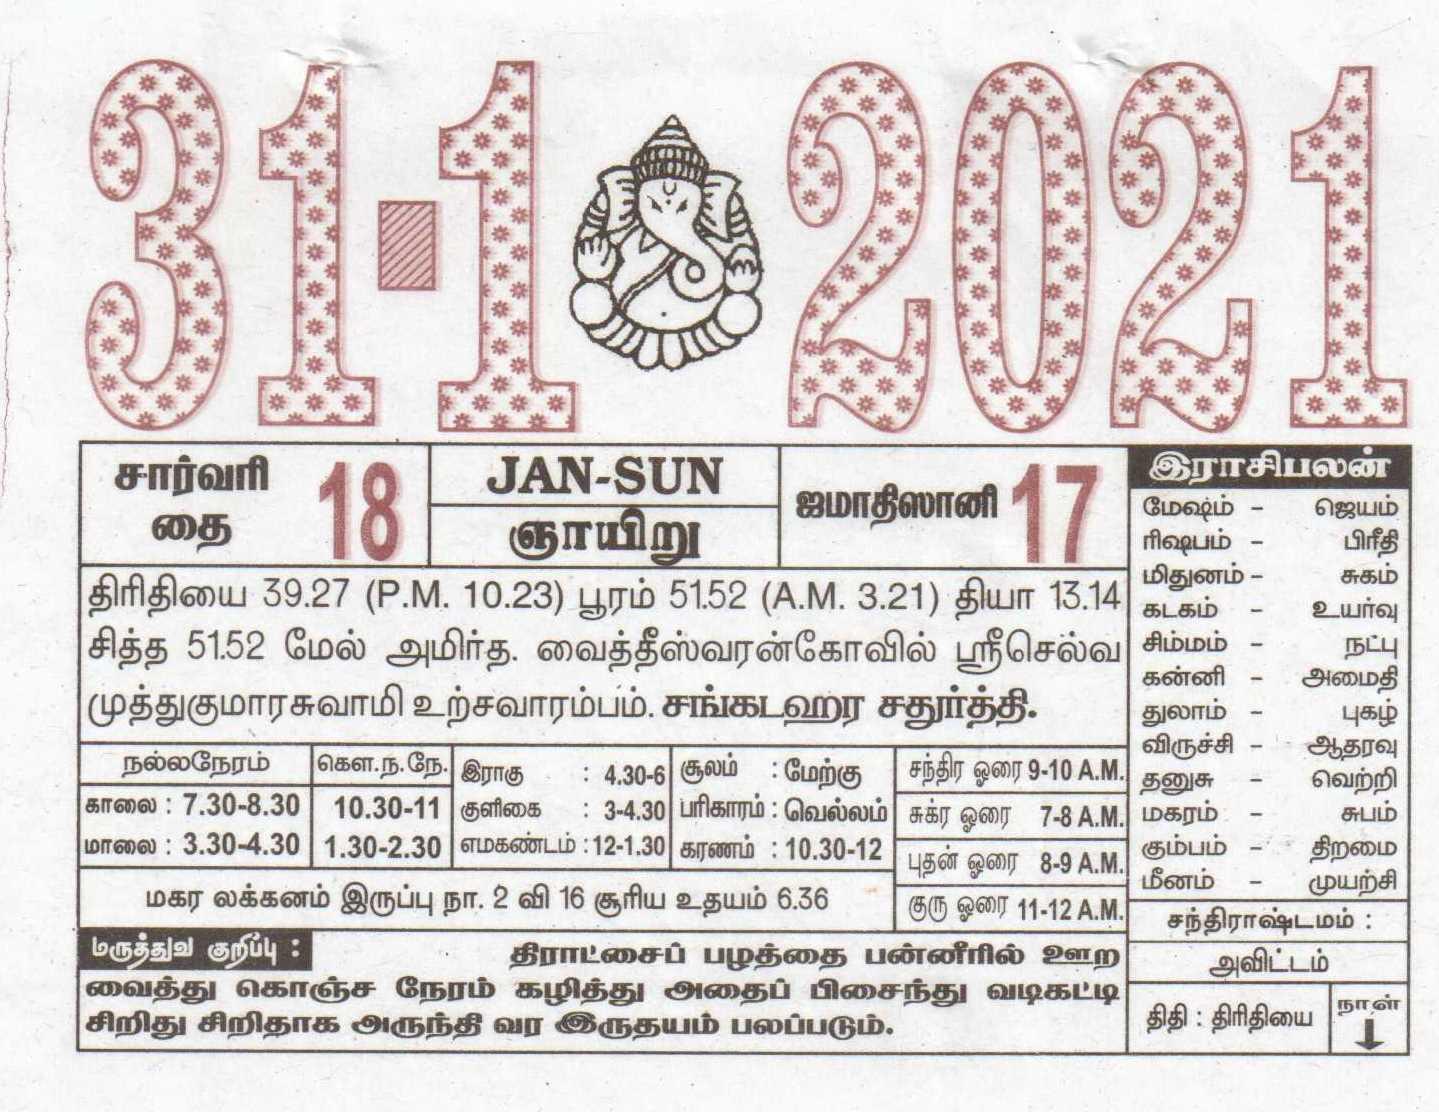 31-01-2021 Daily Calendar | Date 31 , January Daily Tear December 2021 Islamic Calendar